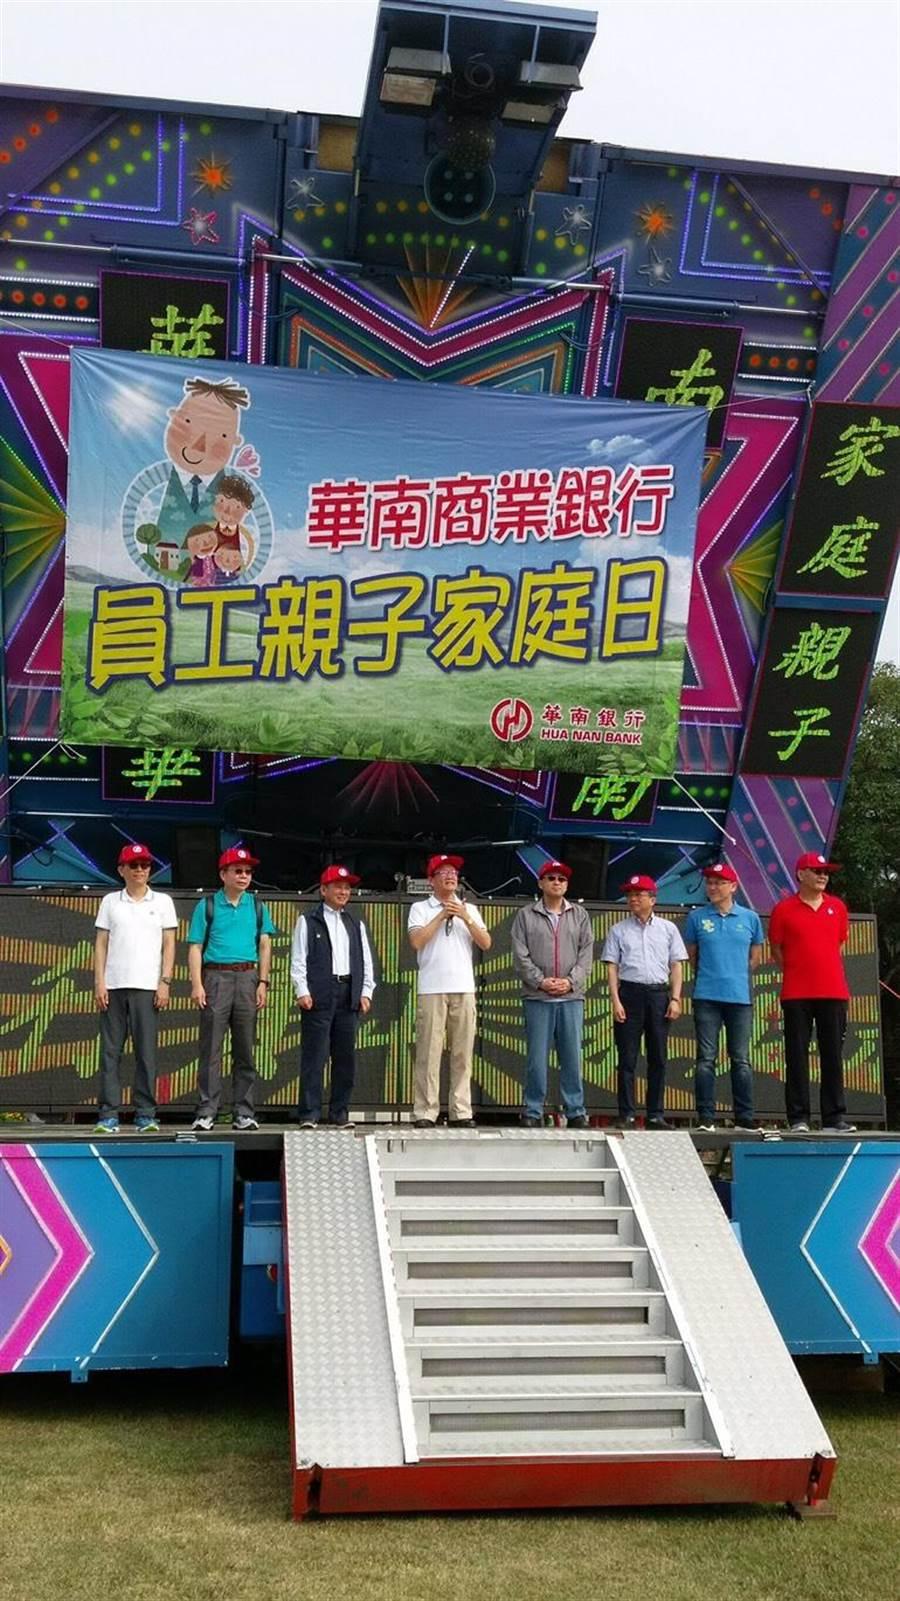 華南銀行於台南南元農場舉辦「員工親子家庭日」。  圖/華南銀行提供